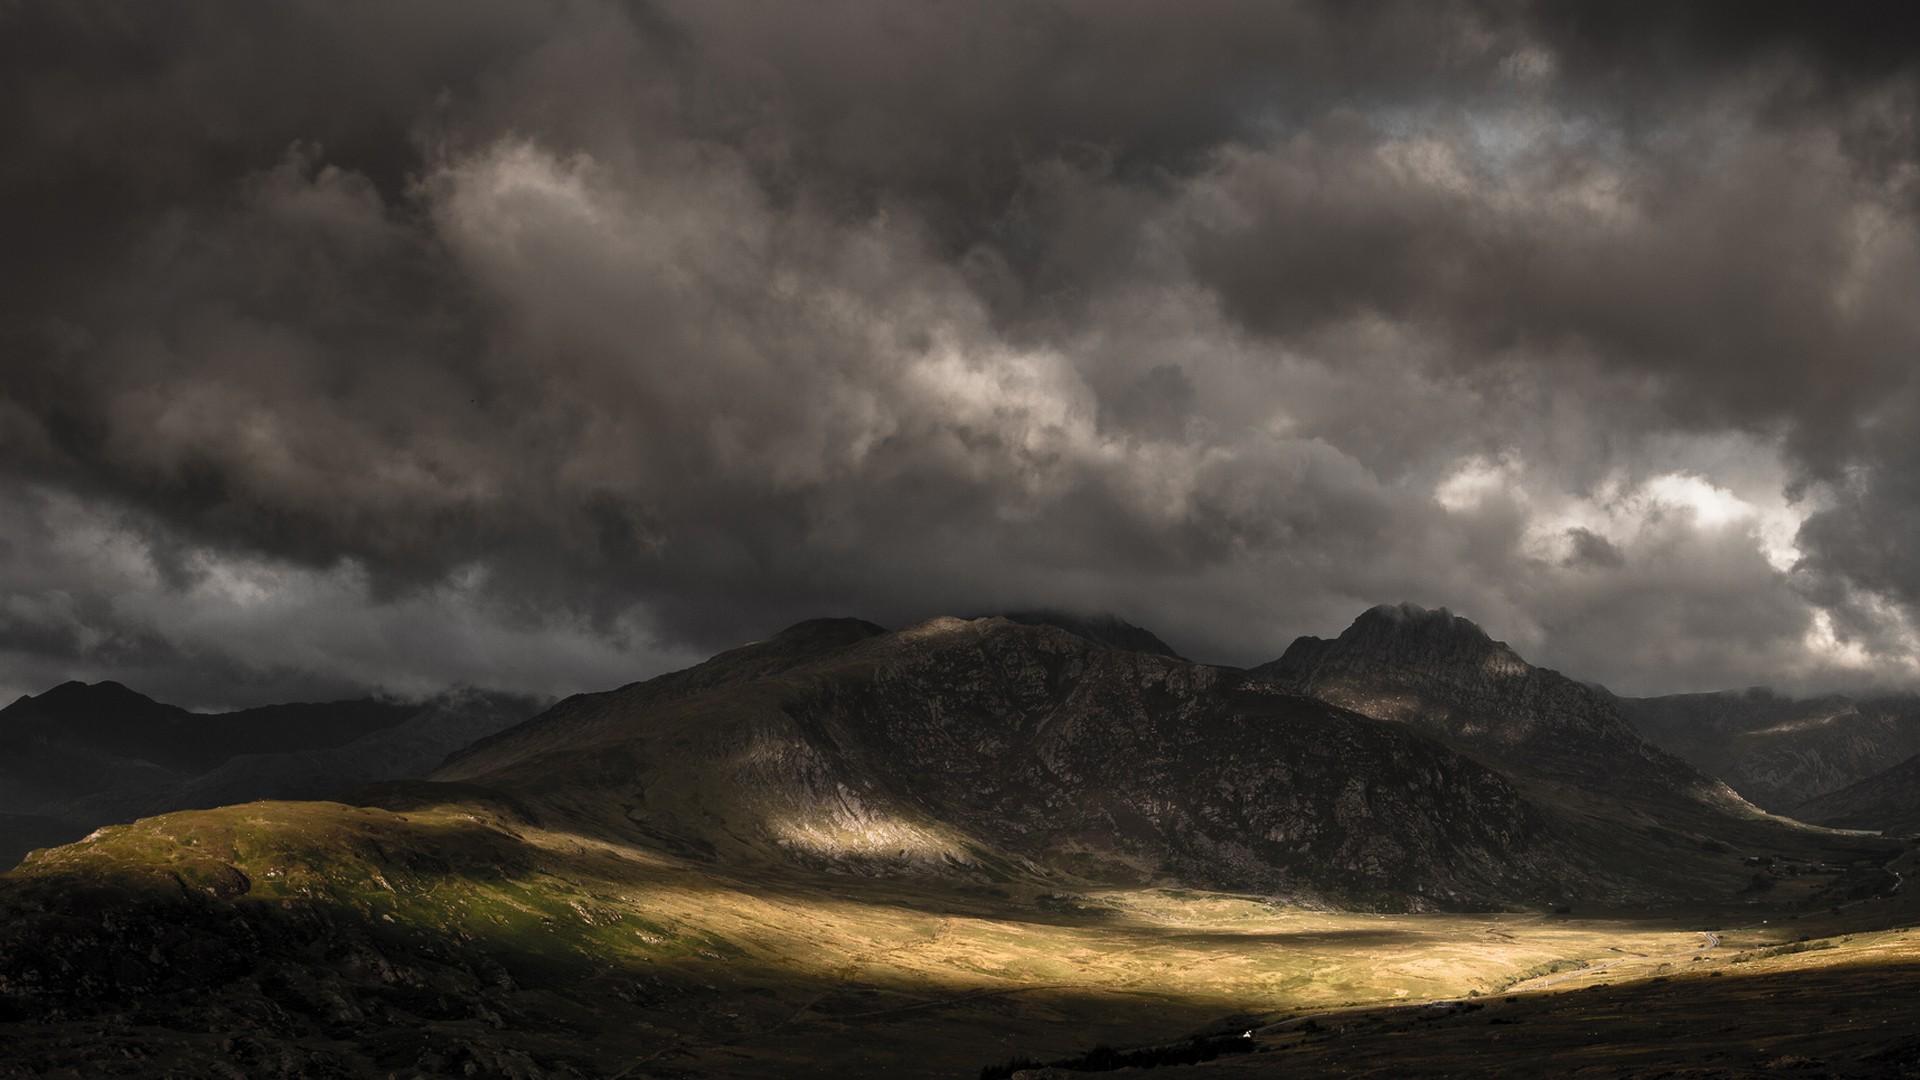 75] Dark Clouds Wallpaper on WallpaperSafari 1920x1080